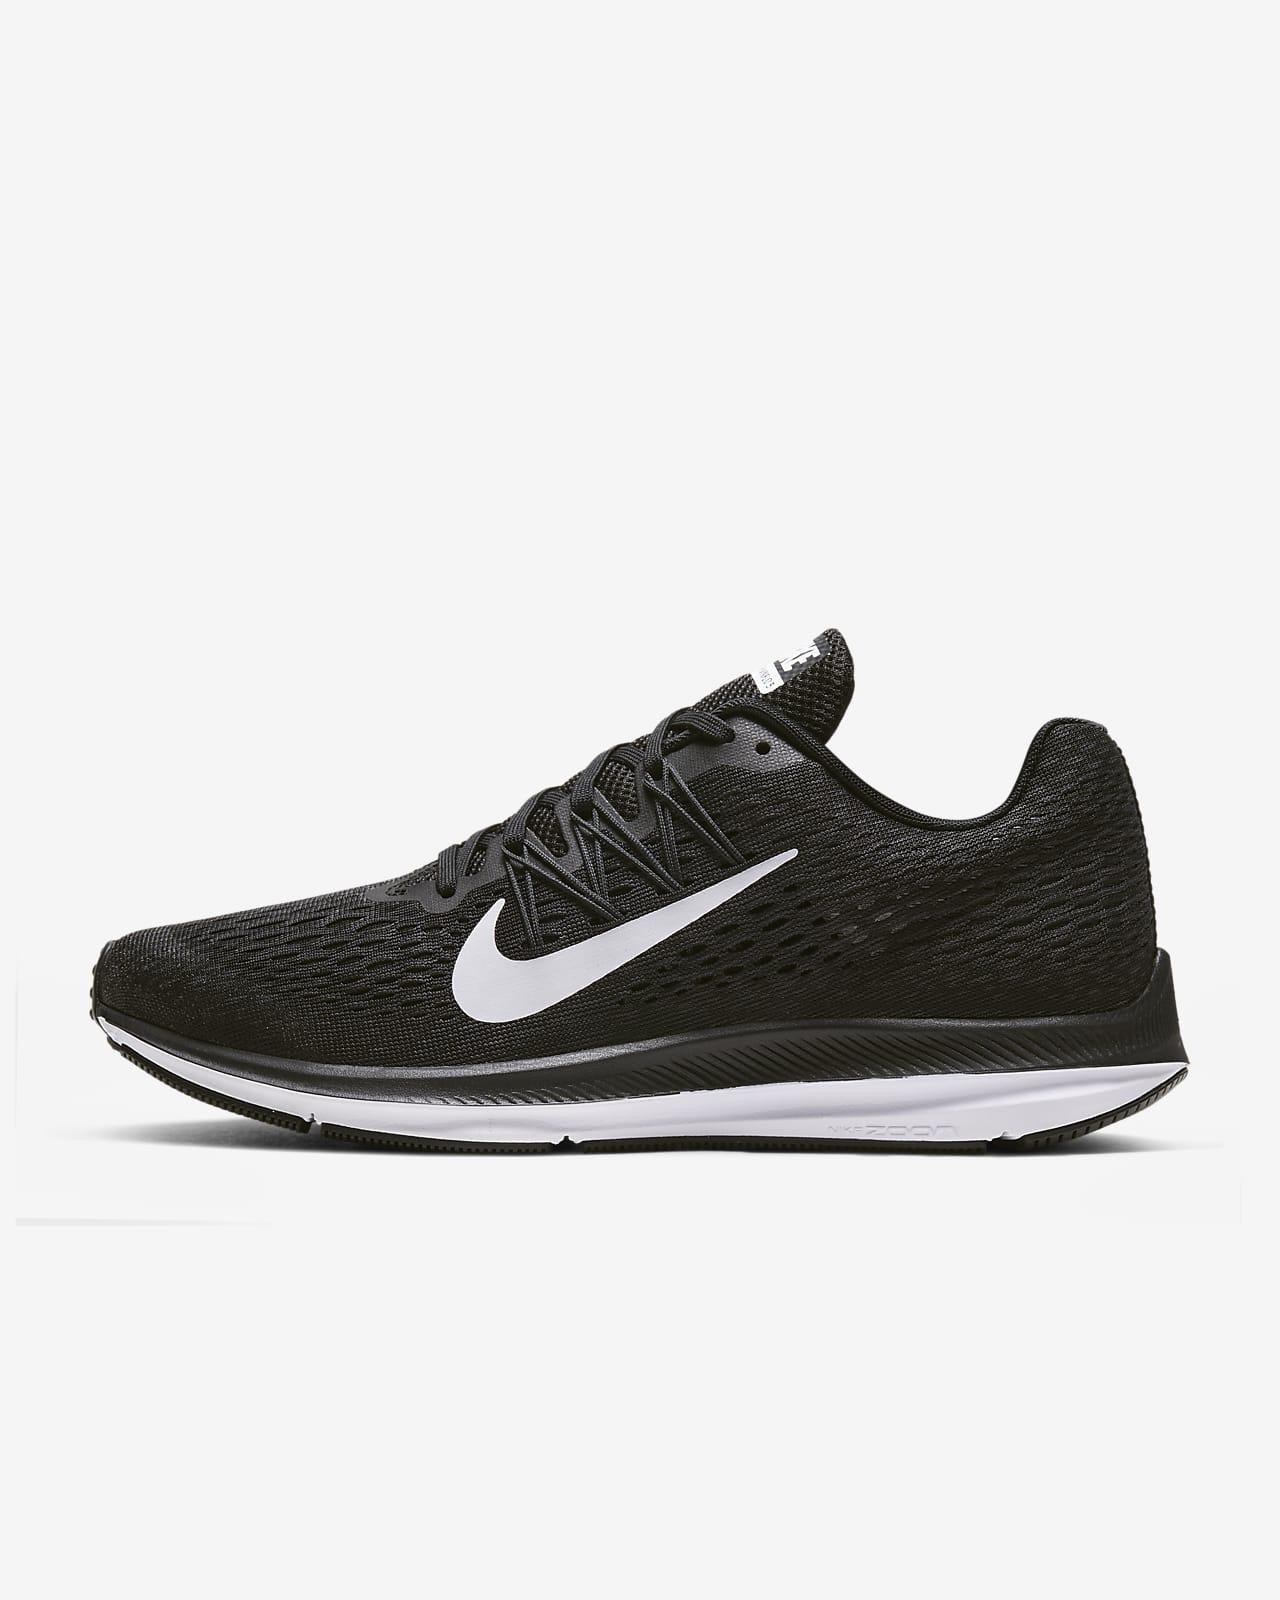 Nike Air Zoom Winflo 5 Women's Running